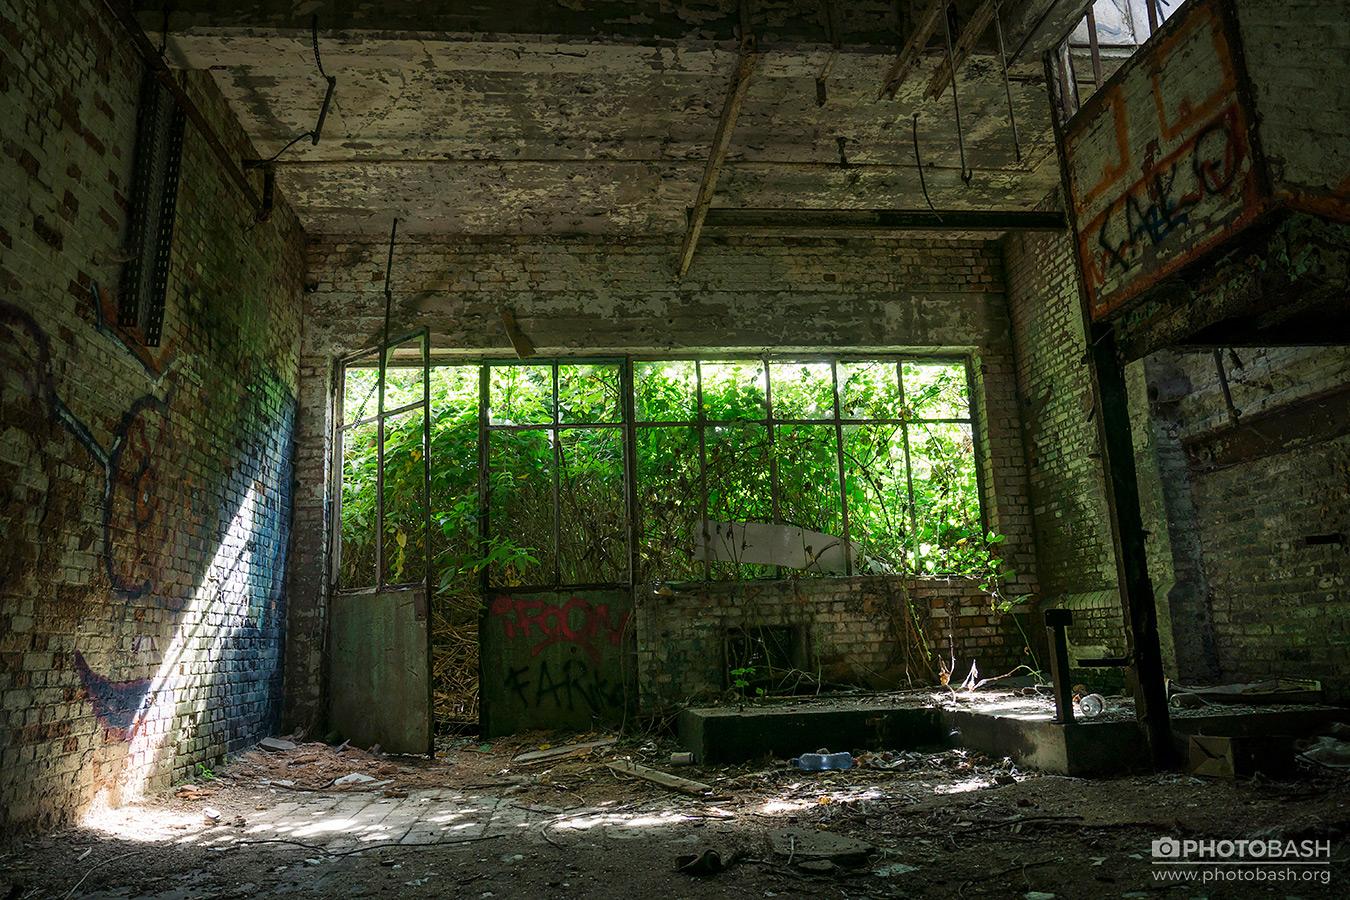 Overgrown-Factory-Derelict-Room.jpg